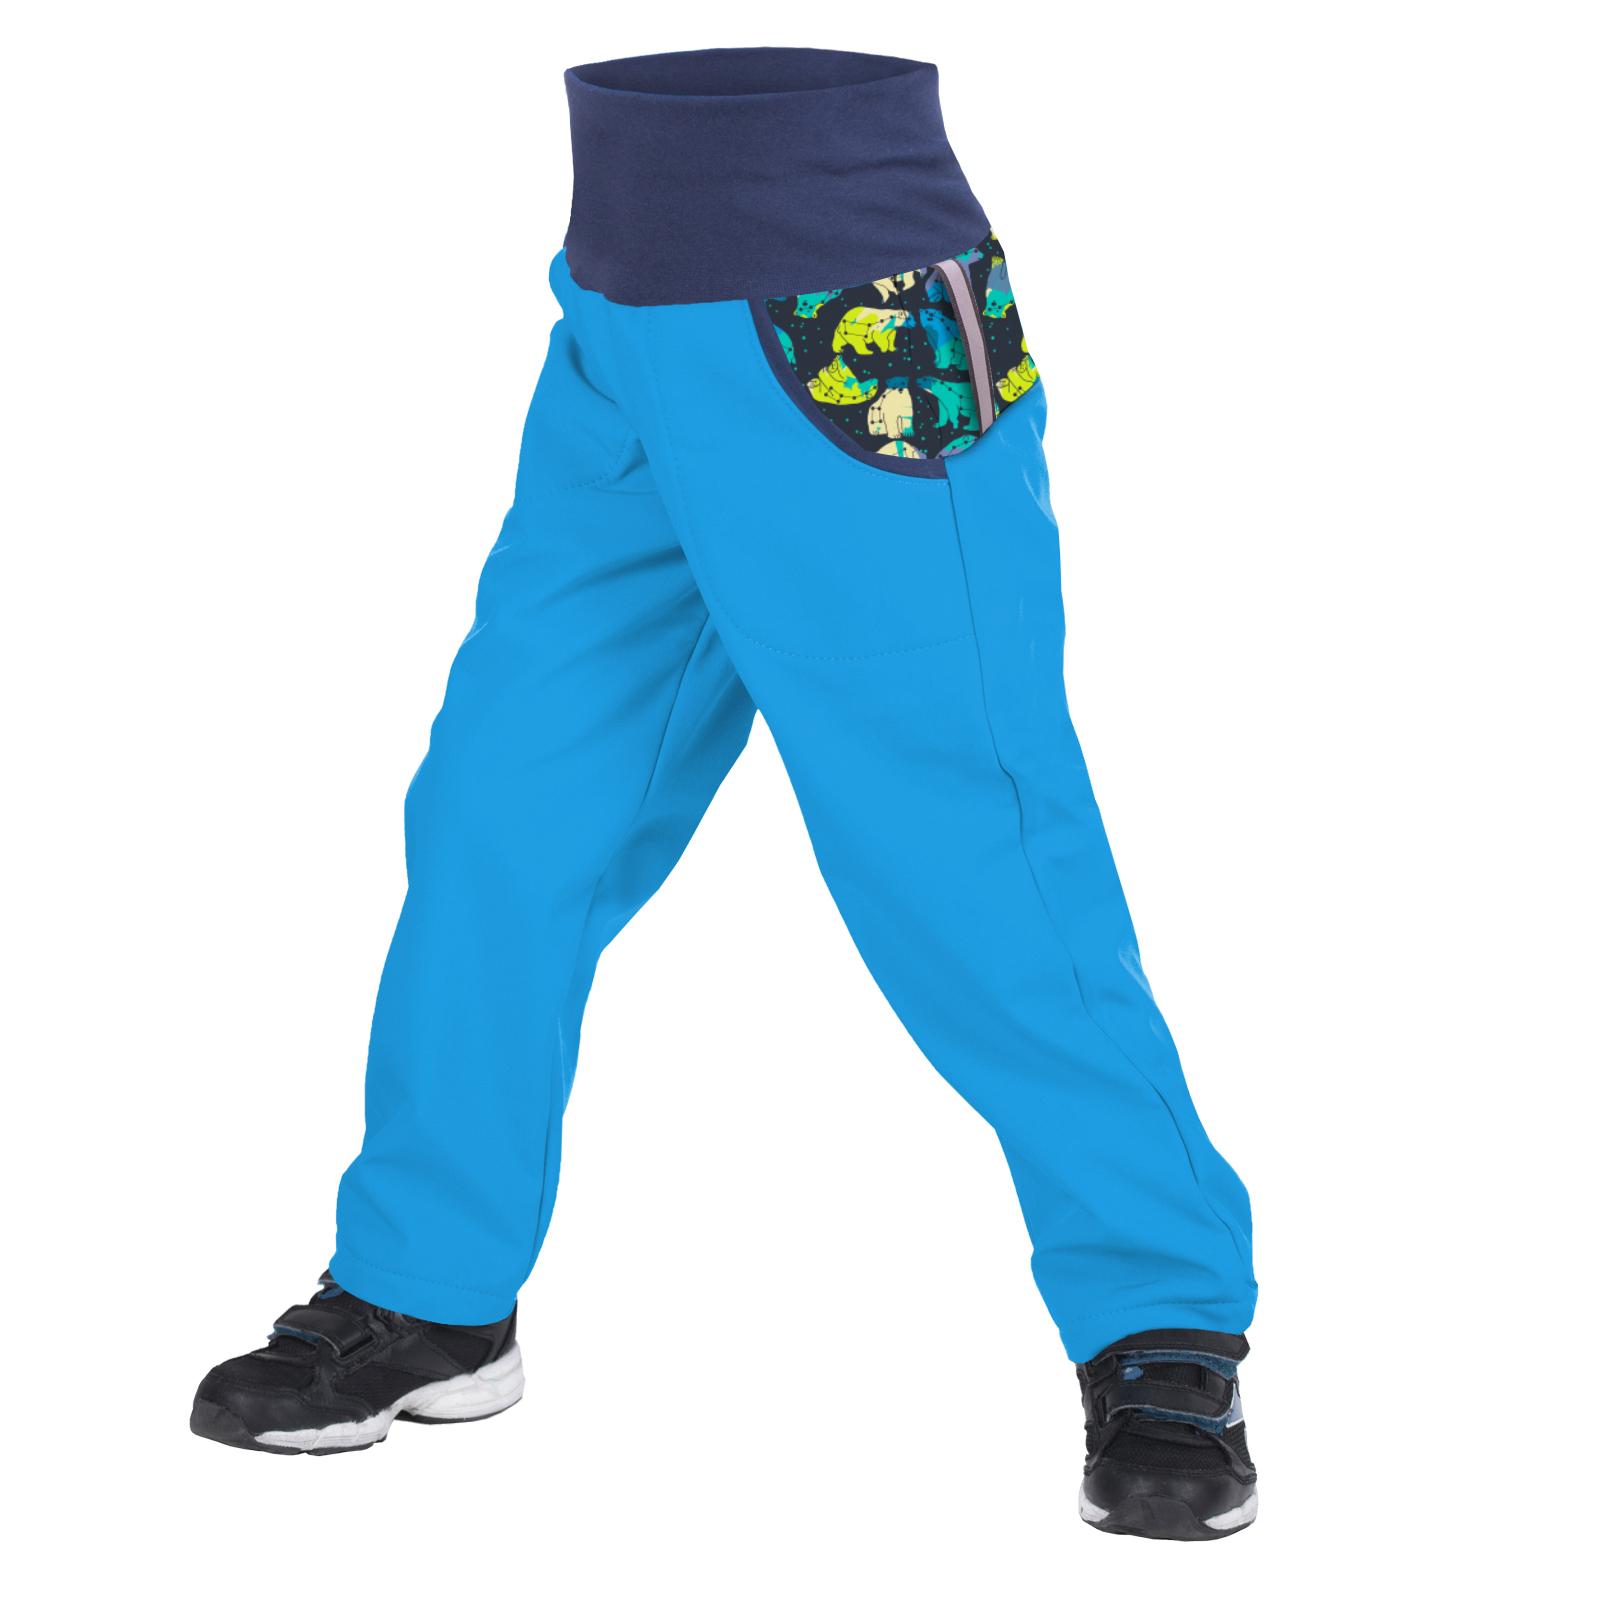 unuo softshellové kalhoty s fleecem Souhvězdí medvěda tyrkysové Velikost UNI (Size): 98/104